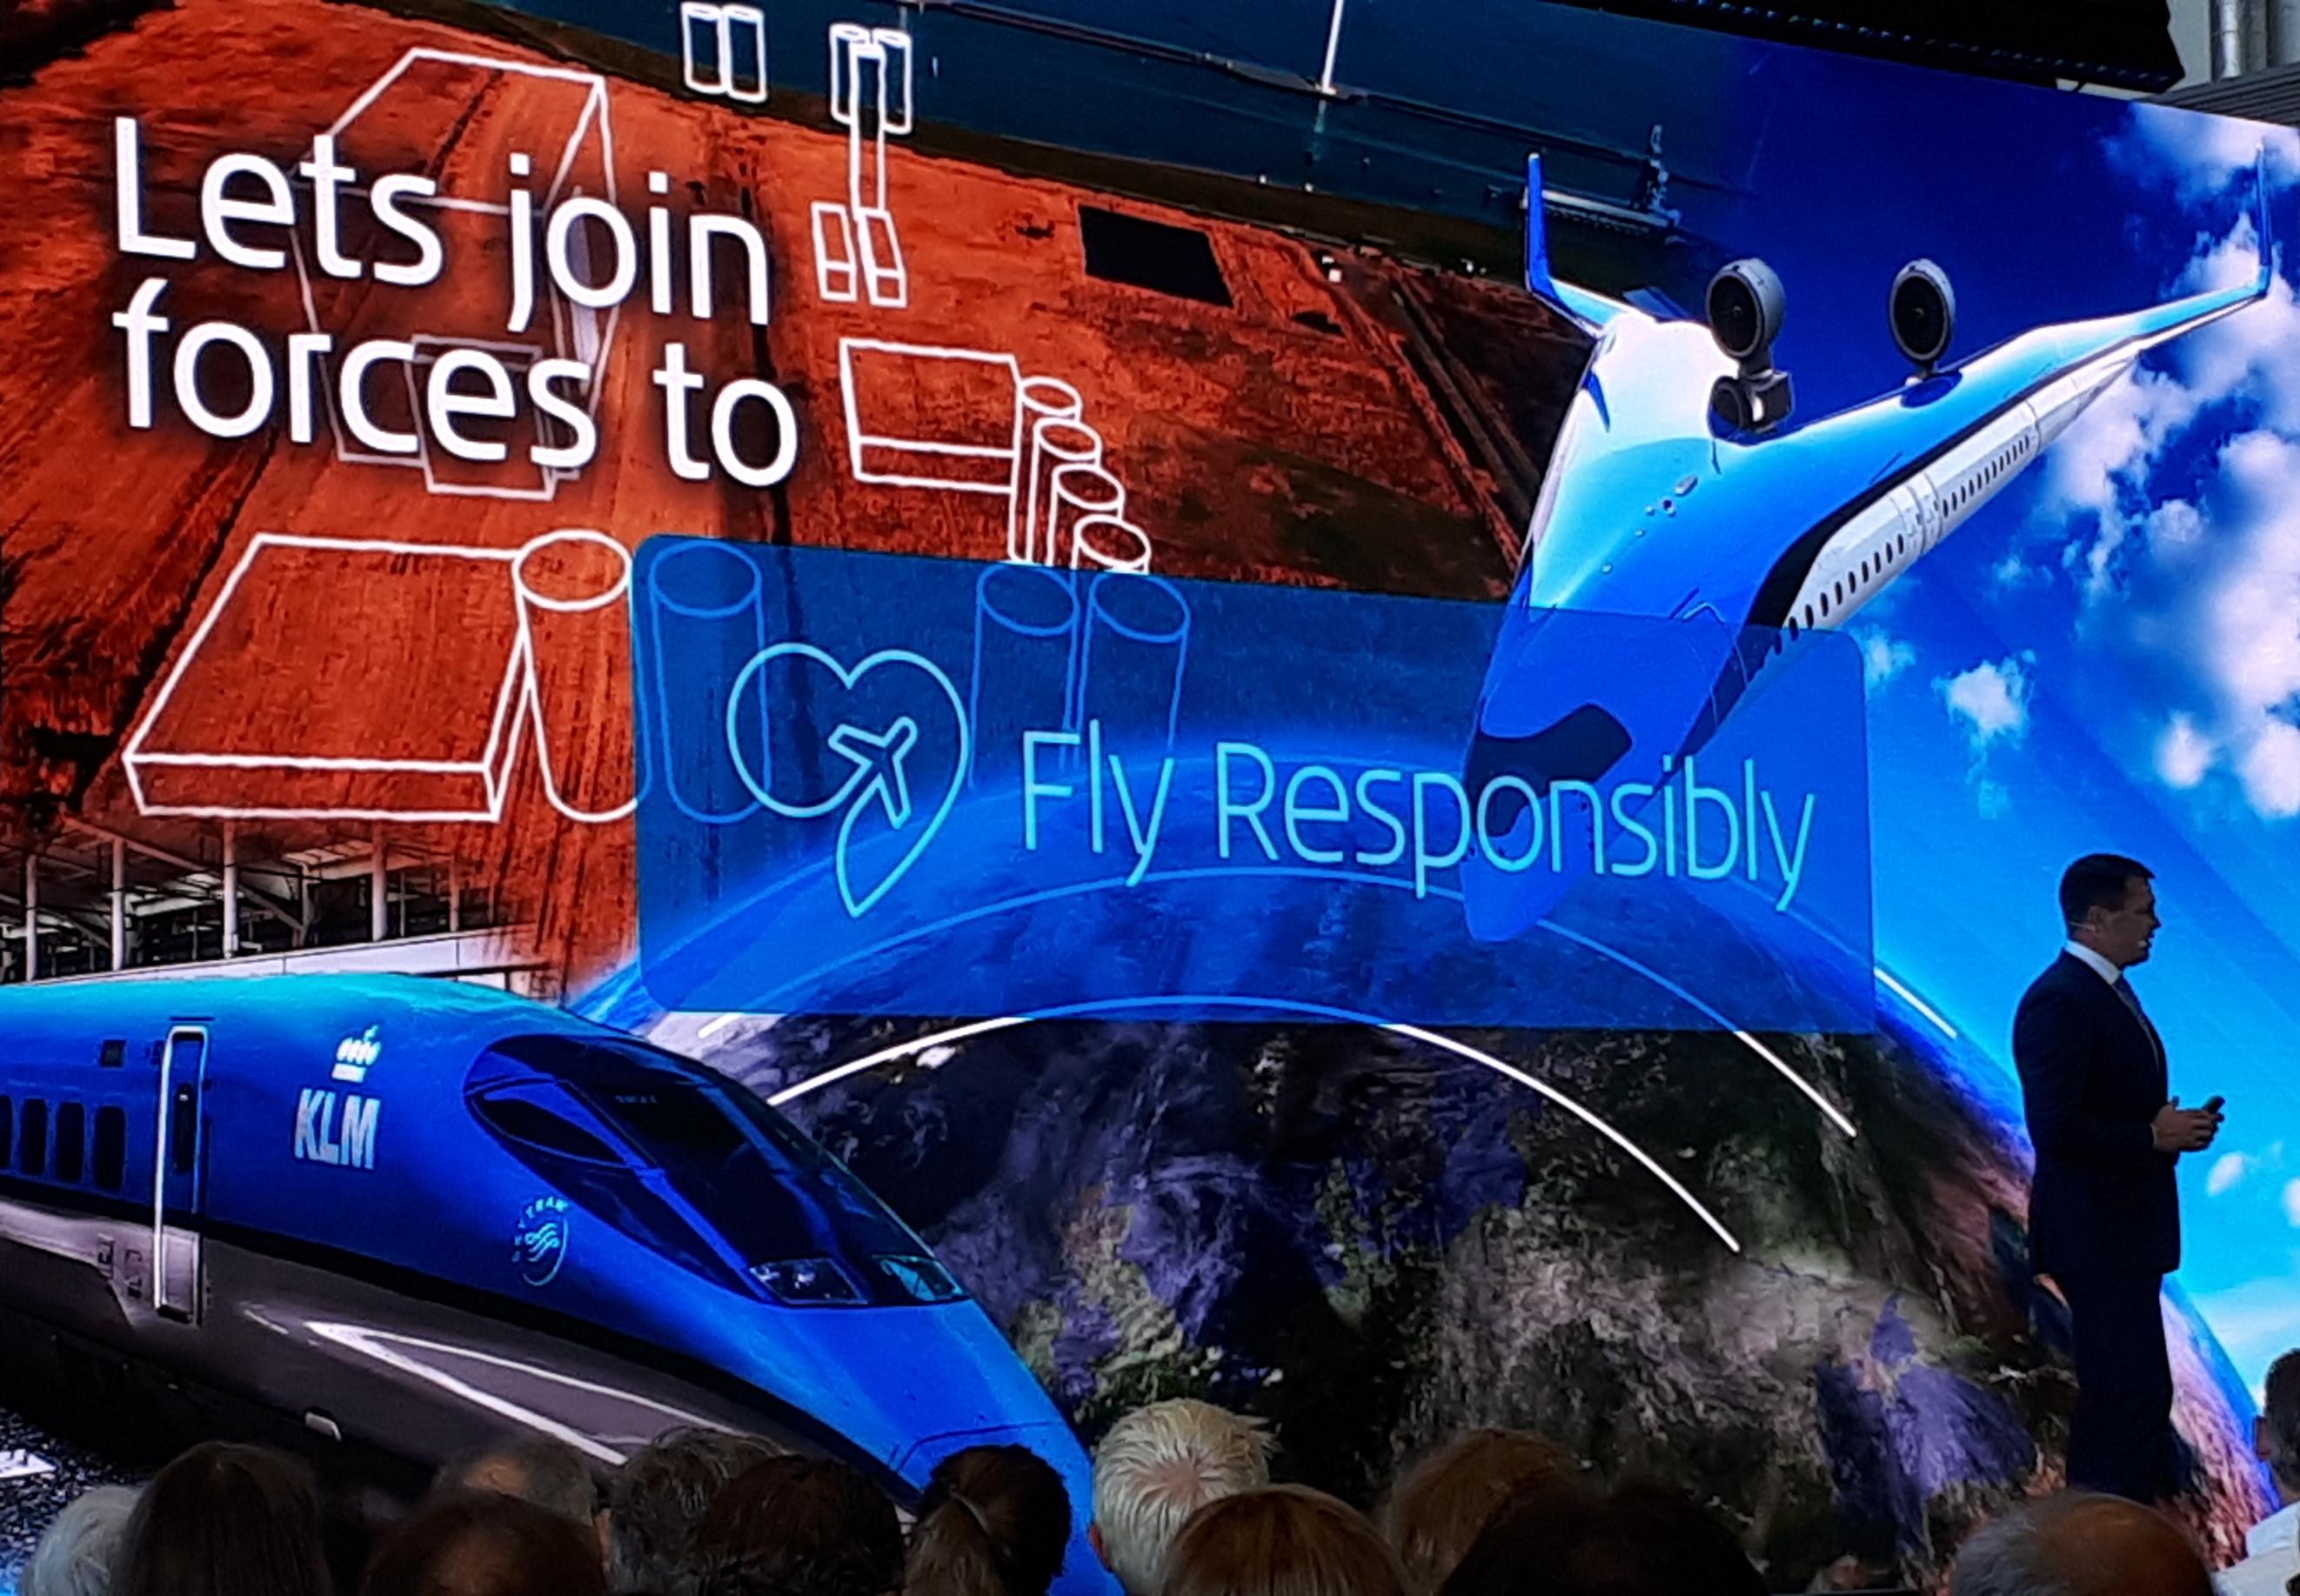 En stor kollage på storskærmen i hangaren hos KLM viste blandt andet nogle af de mange tiltag i forbindelse med flyselskabets Fly Responsibly-kampagne – bemærk KLM-toget nederst til venstre… Foto: Henrik Baumgarten.